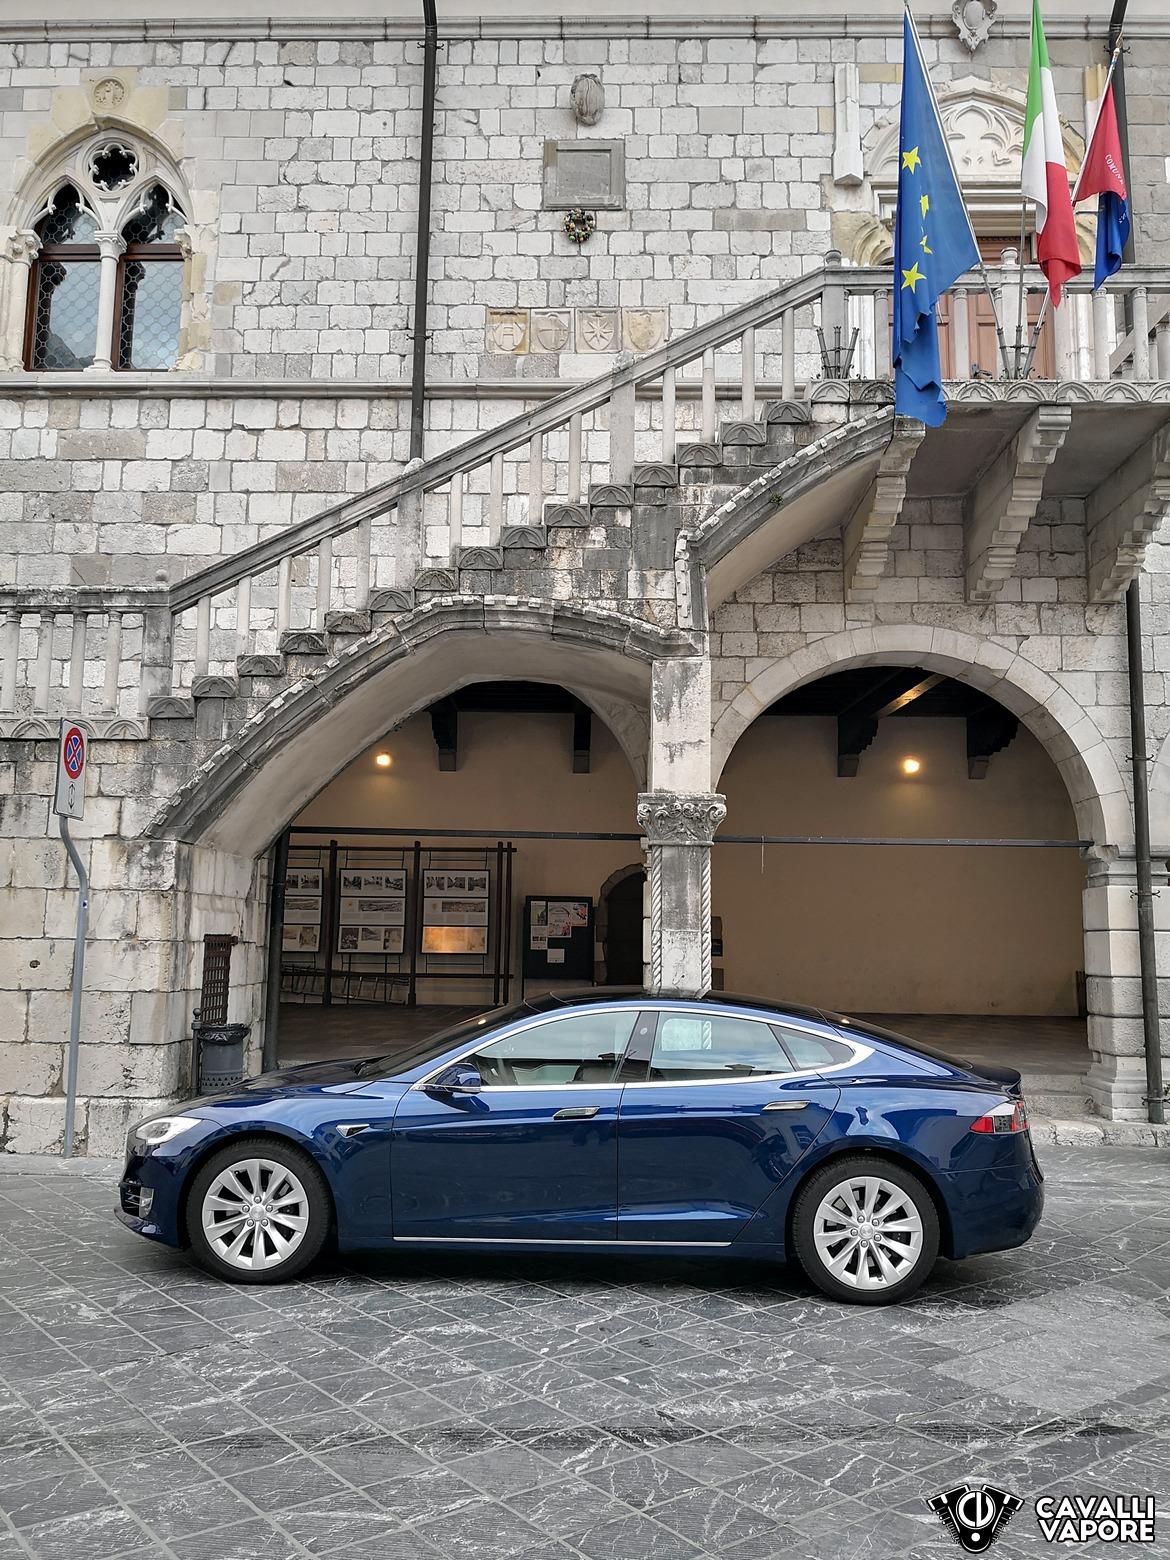 Tesla Model S 100D Lato Sinistro a Venzone